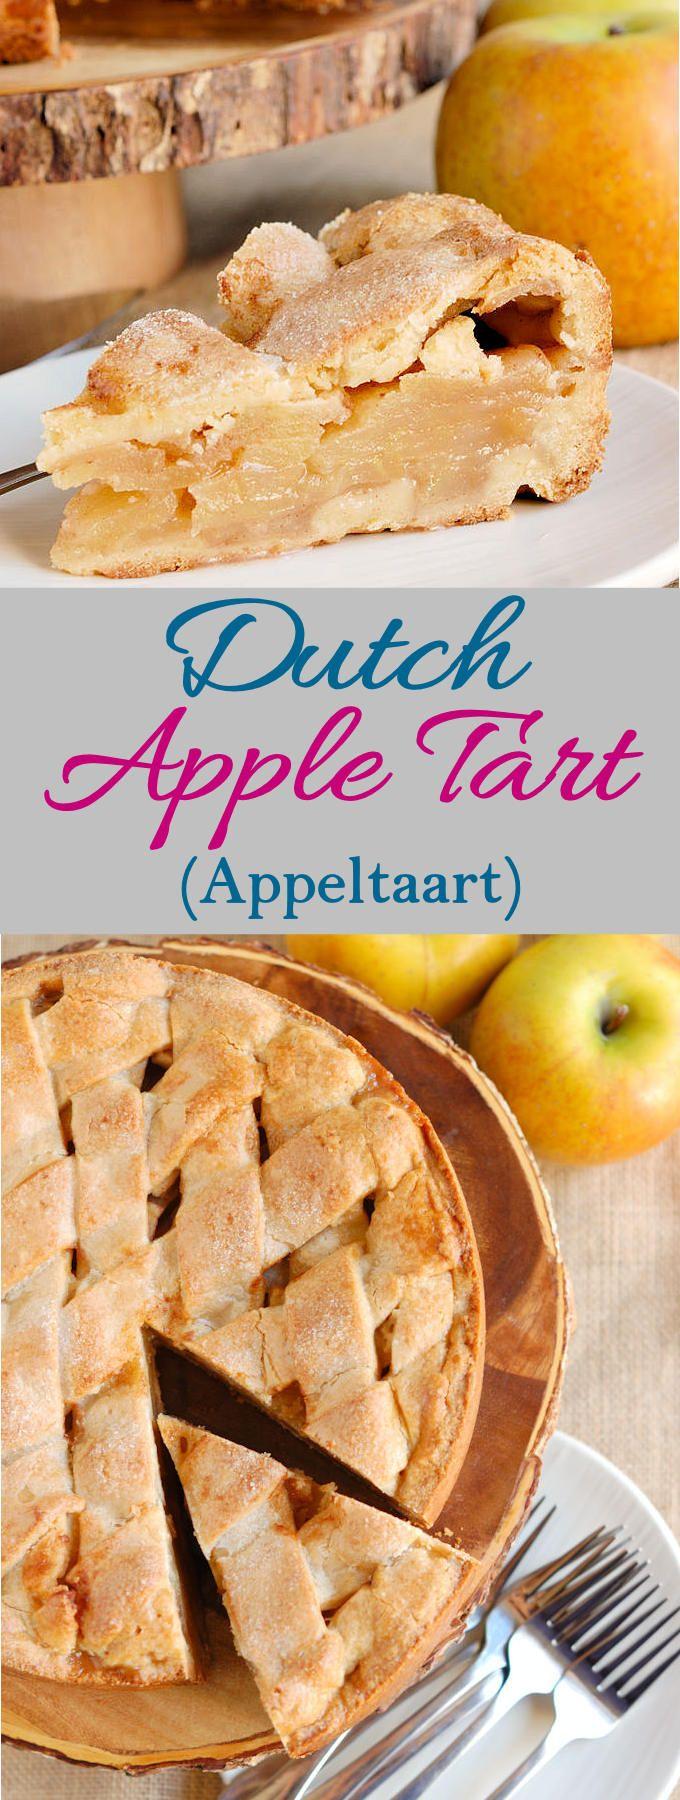 Dutch Apple Tart (Appeltaart) - Baking Sense